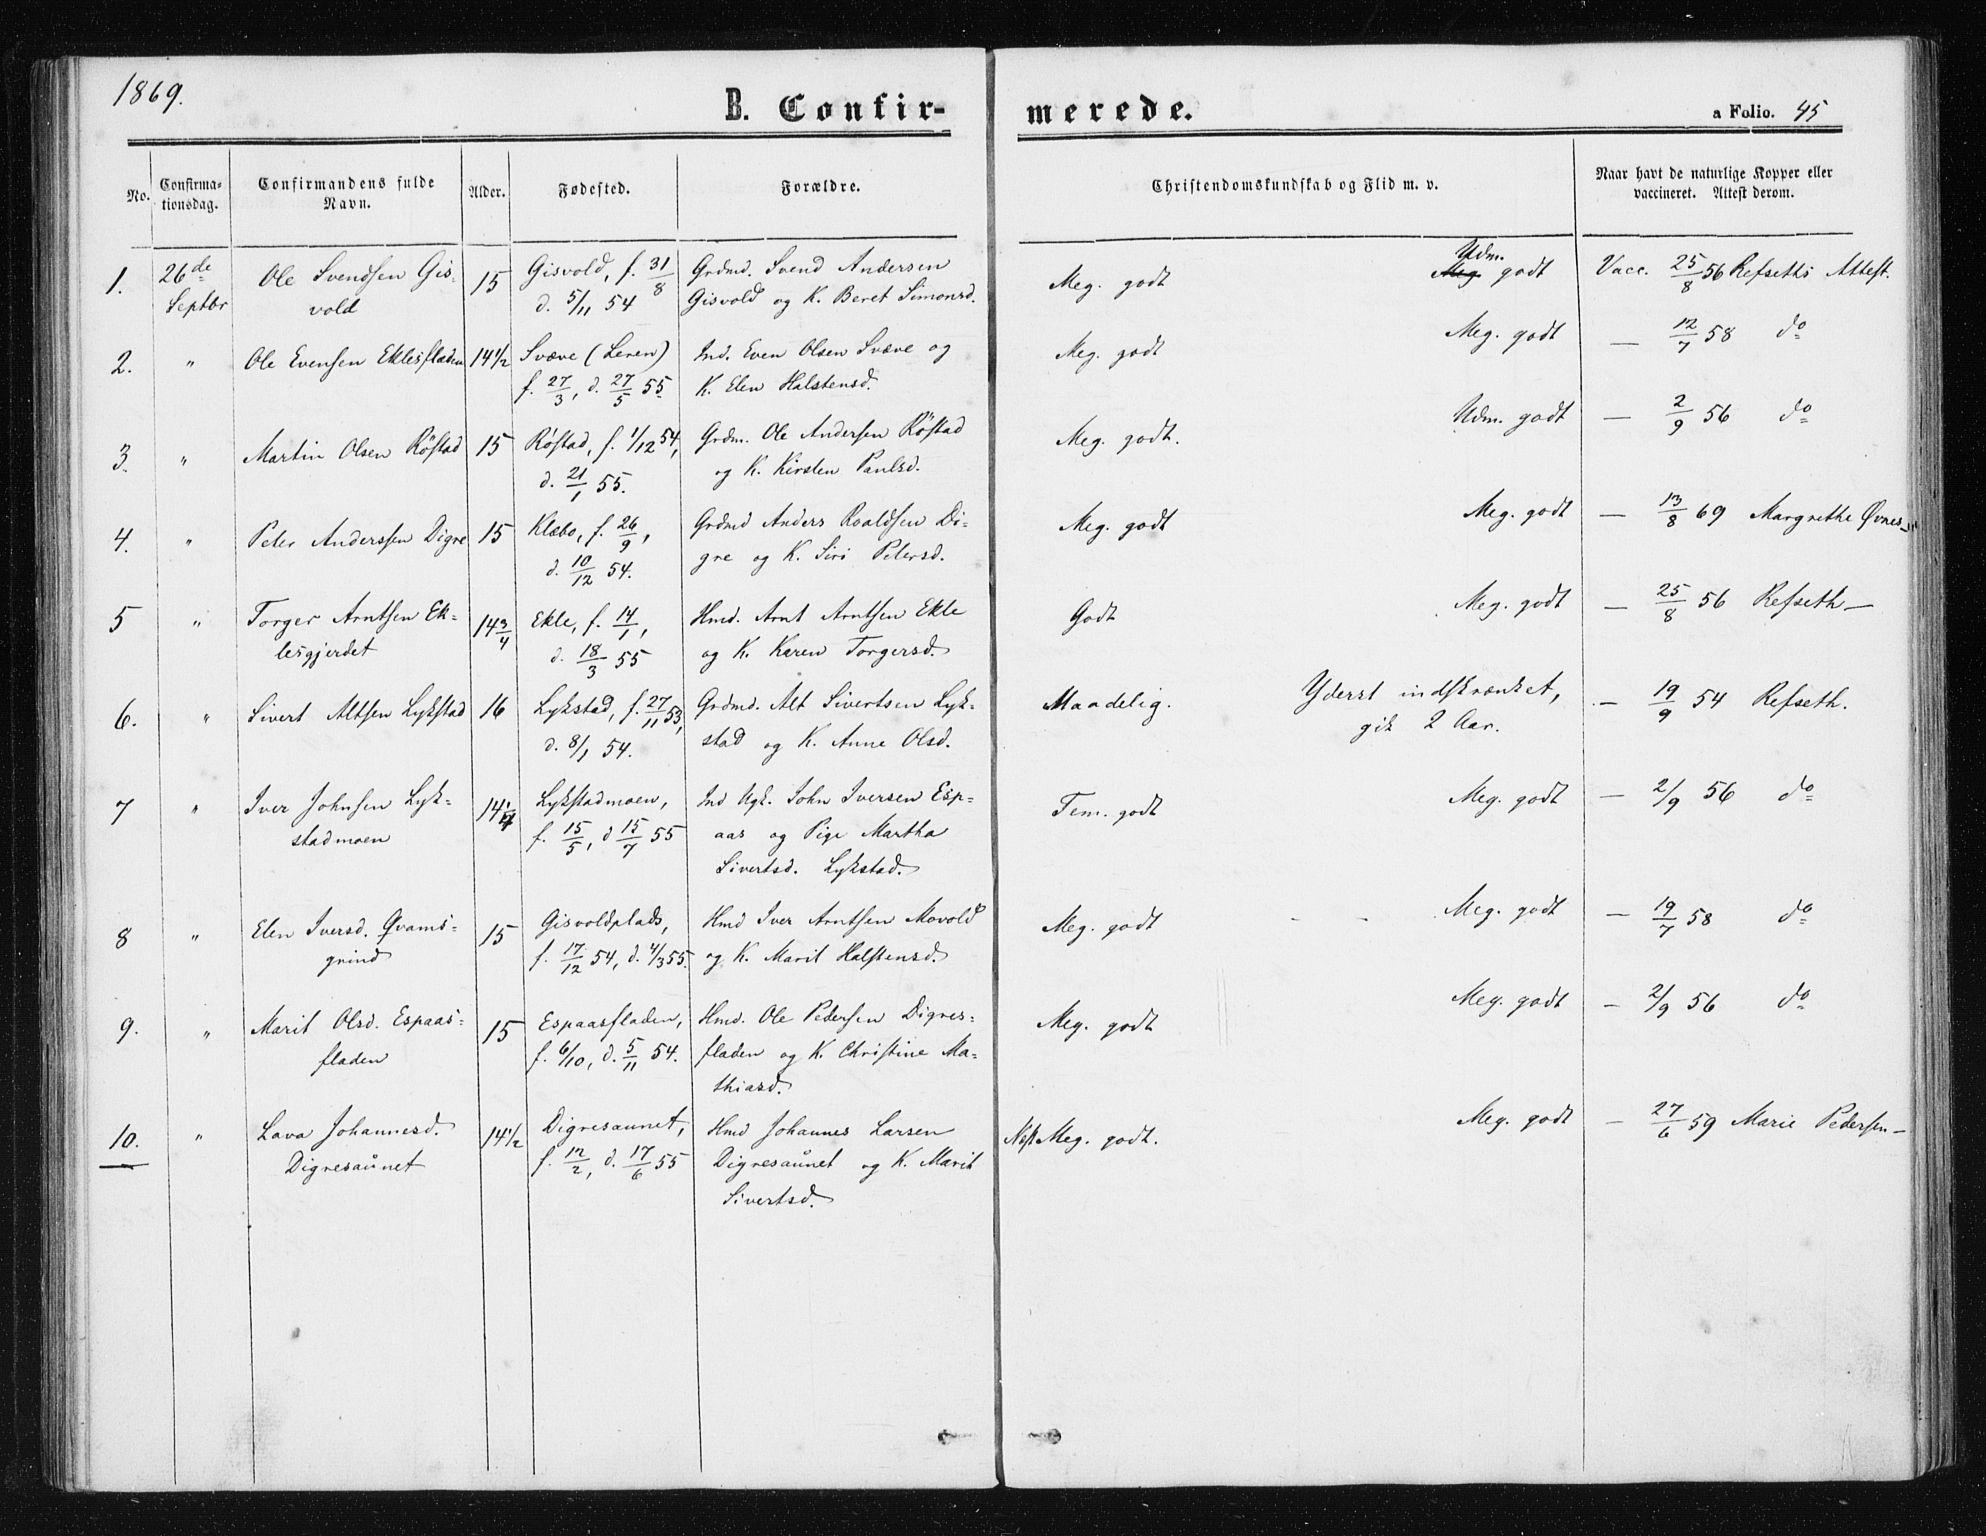 SAT, Ministerialprotokoller, klokkerbøker og fødselsregistre - Sør-Trøndelag, 608/L0333: Ministerialbok nr. 608A02, 1862-1876, s. 45